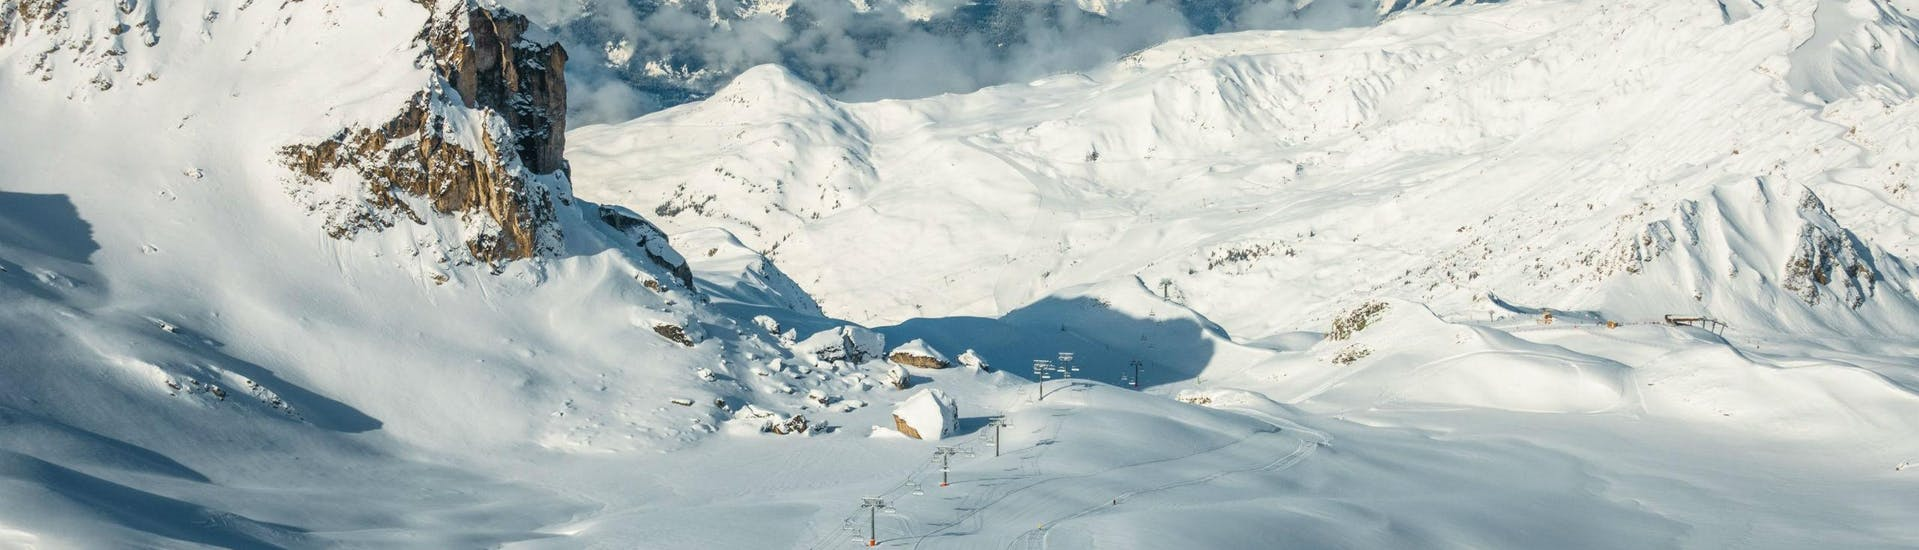 Ein Panoramablick über La Plagne, eine beliebtes Skigebiet in den französische Alpen, wo örtliche Skischulen für all diejenigen, die das Skifahren lernen wollen, Skikurse anbieten.